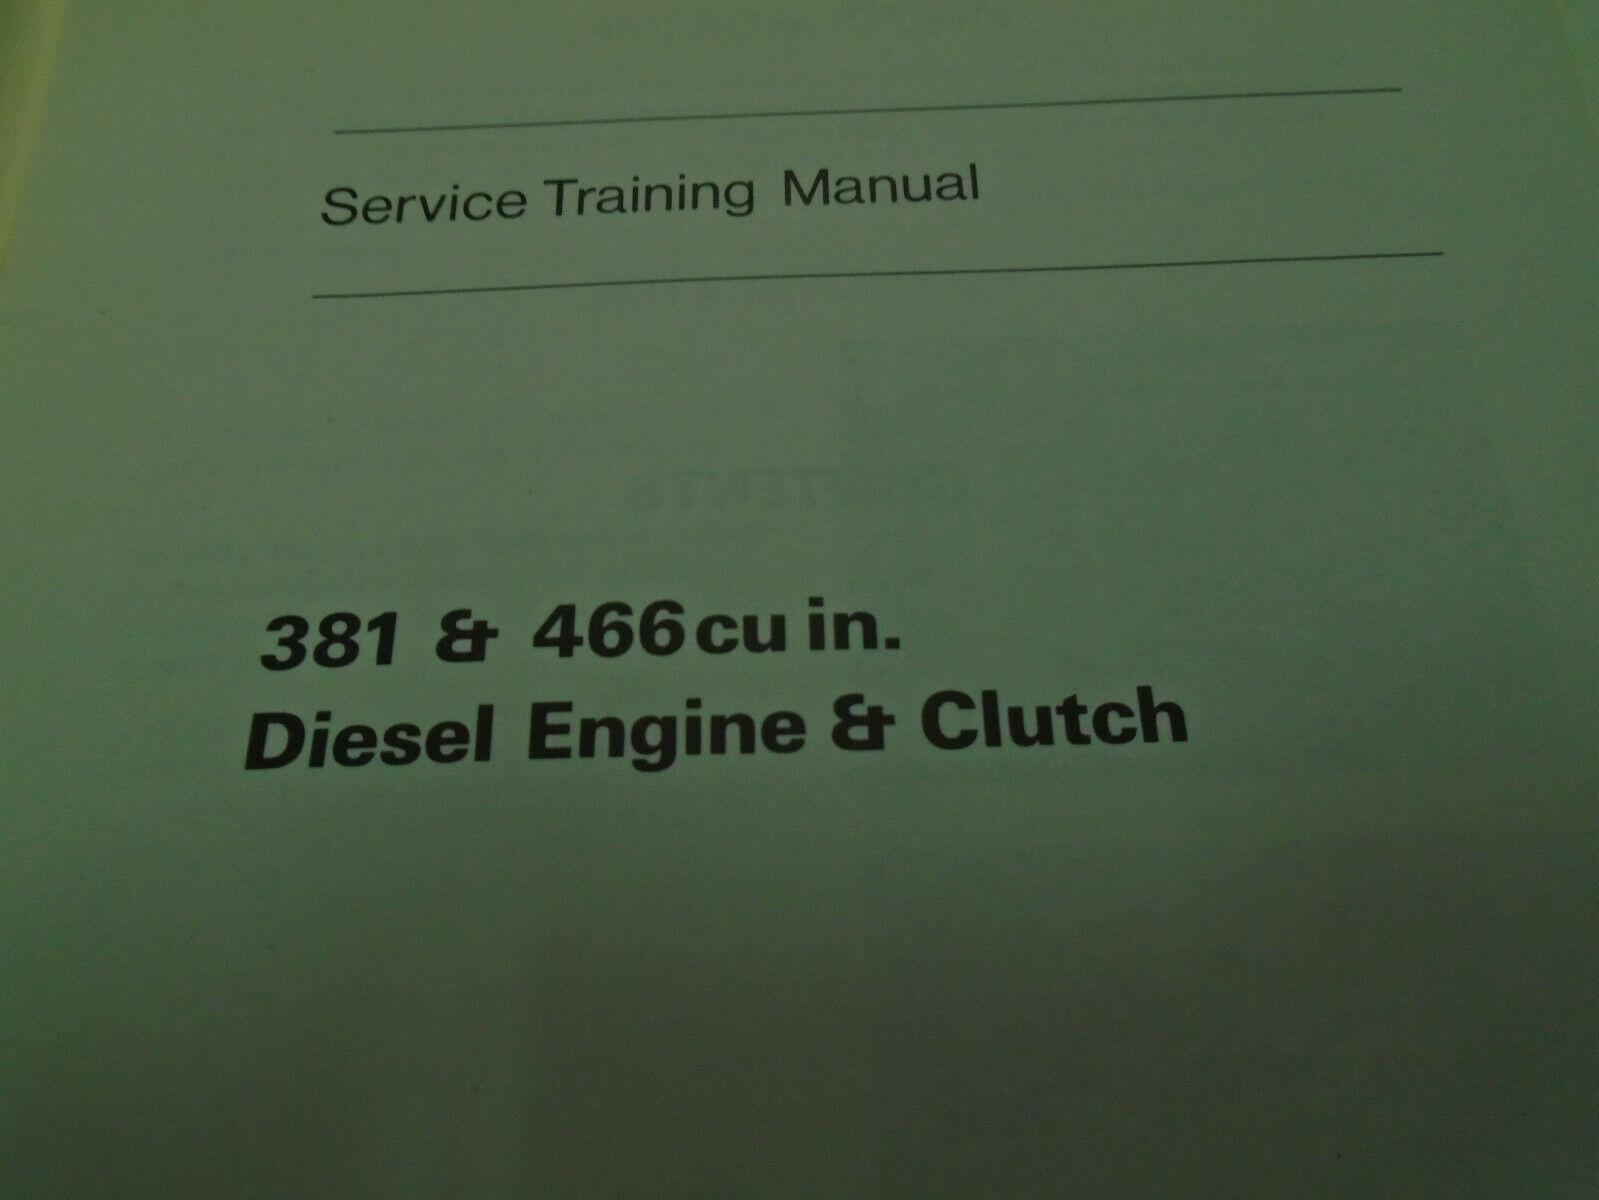 1971 GM 381 & 466 cu In Diesel Engine Clutch Service Repair Shop Training Manual image 2